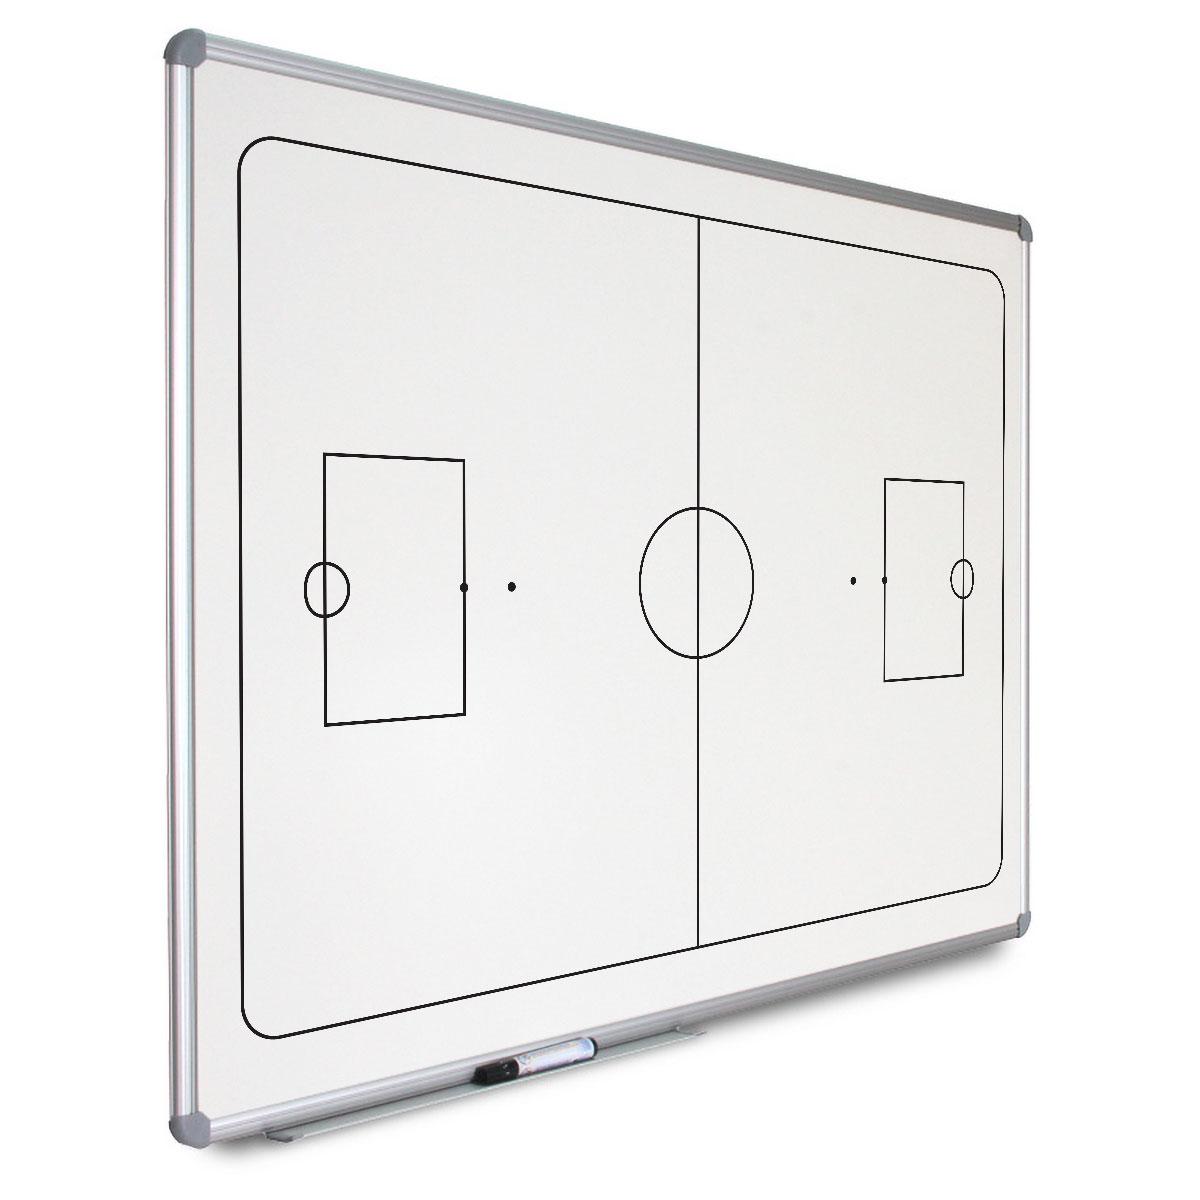 Quadros magnéticos personalizados, com moldura de alumínio e cavalete opcional